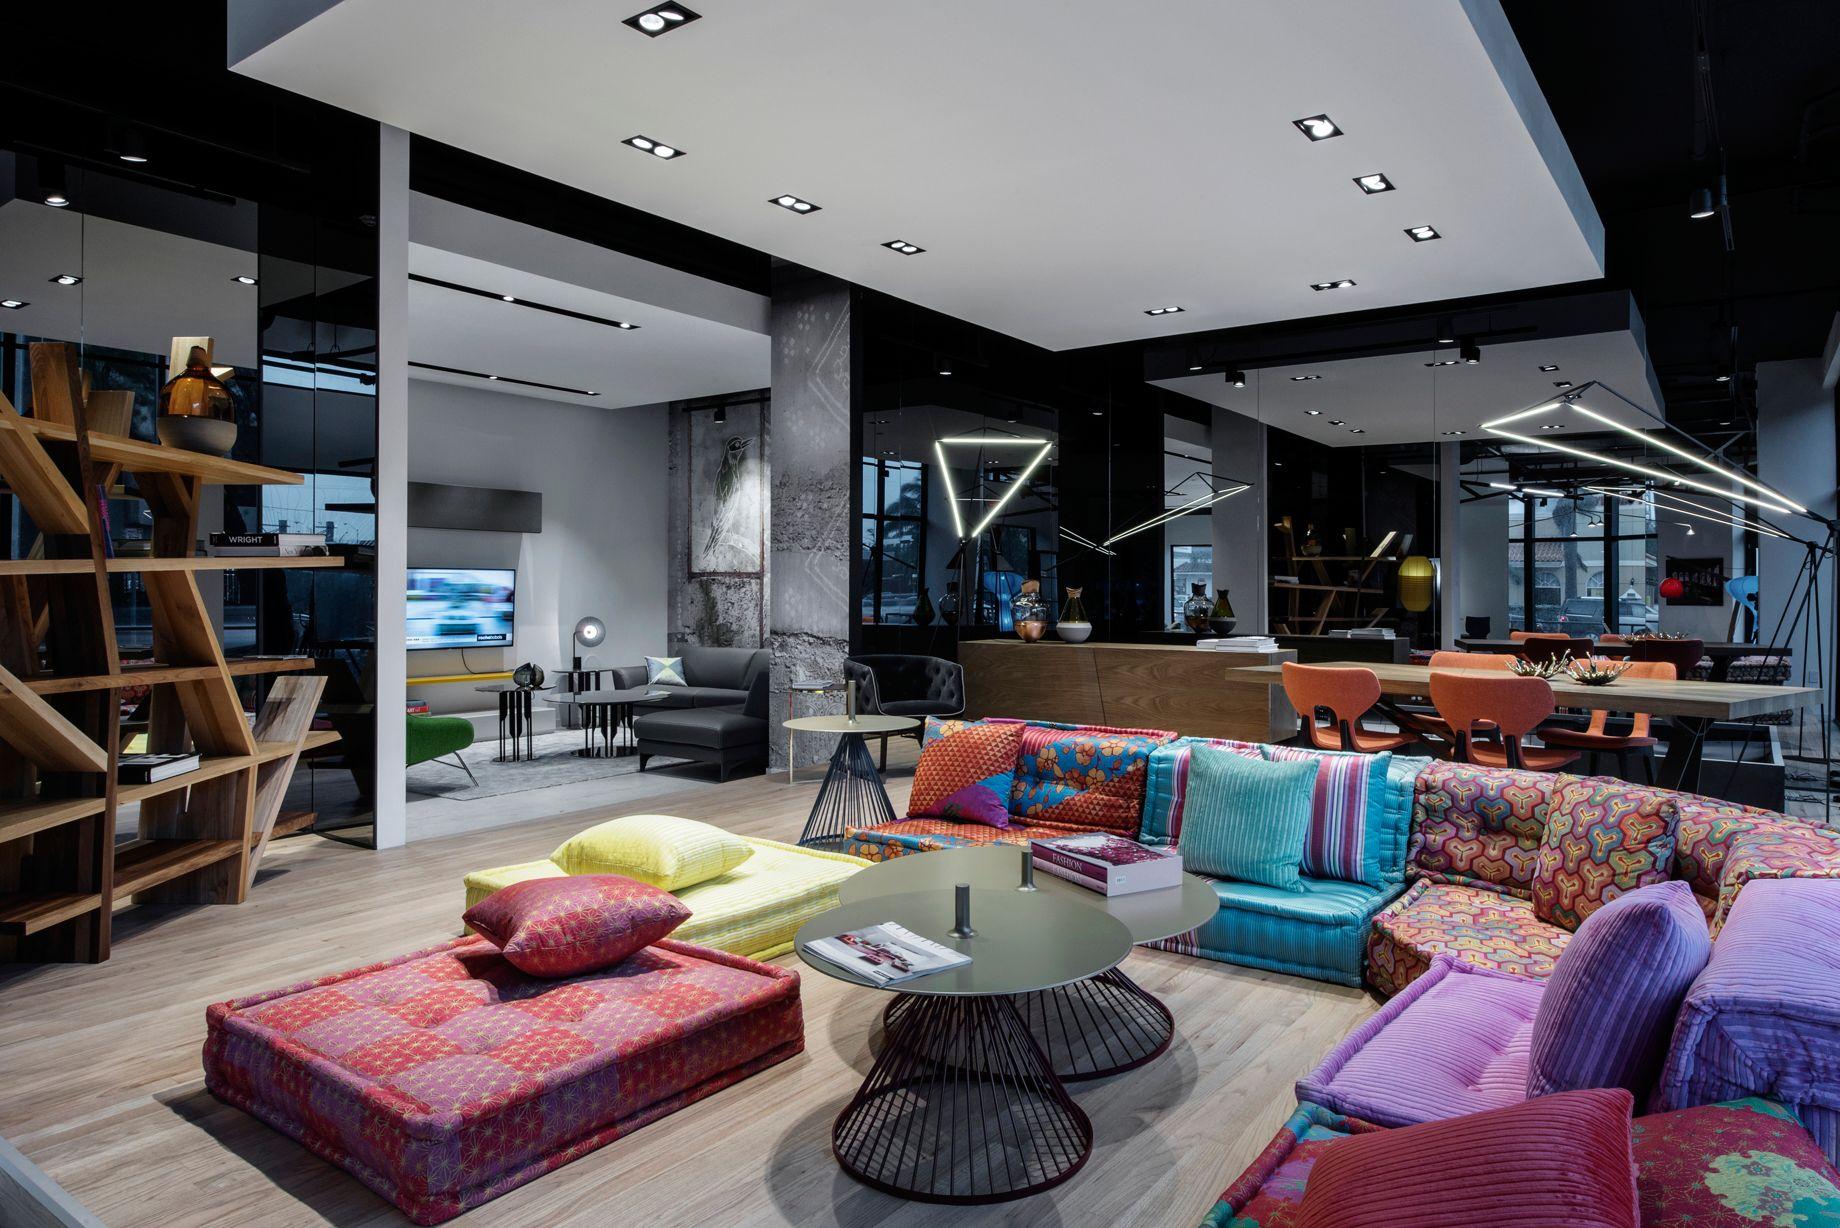 magasin roche bobois fl miami design district miami. Black Bedroom Furniture Sets. Home Design Ideas